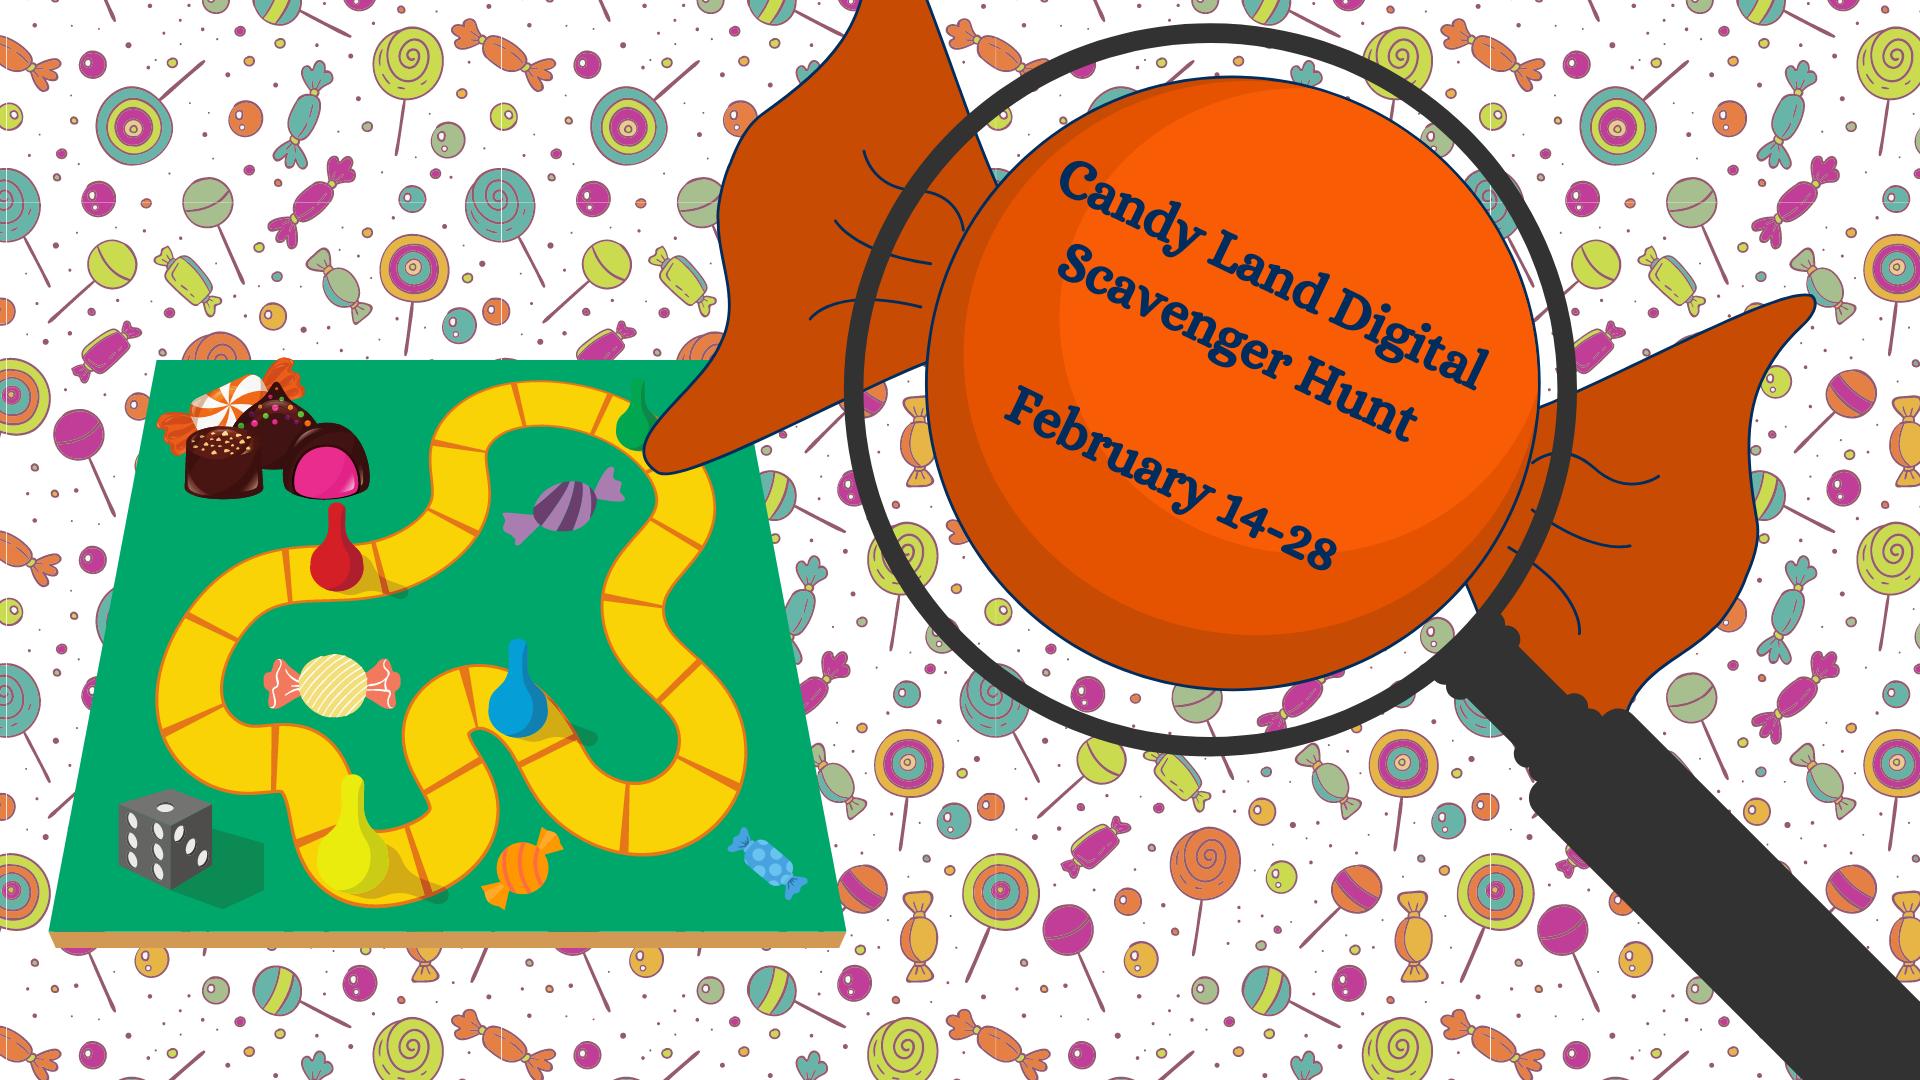 Candy Land Digital Scavenger Hunt